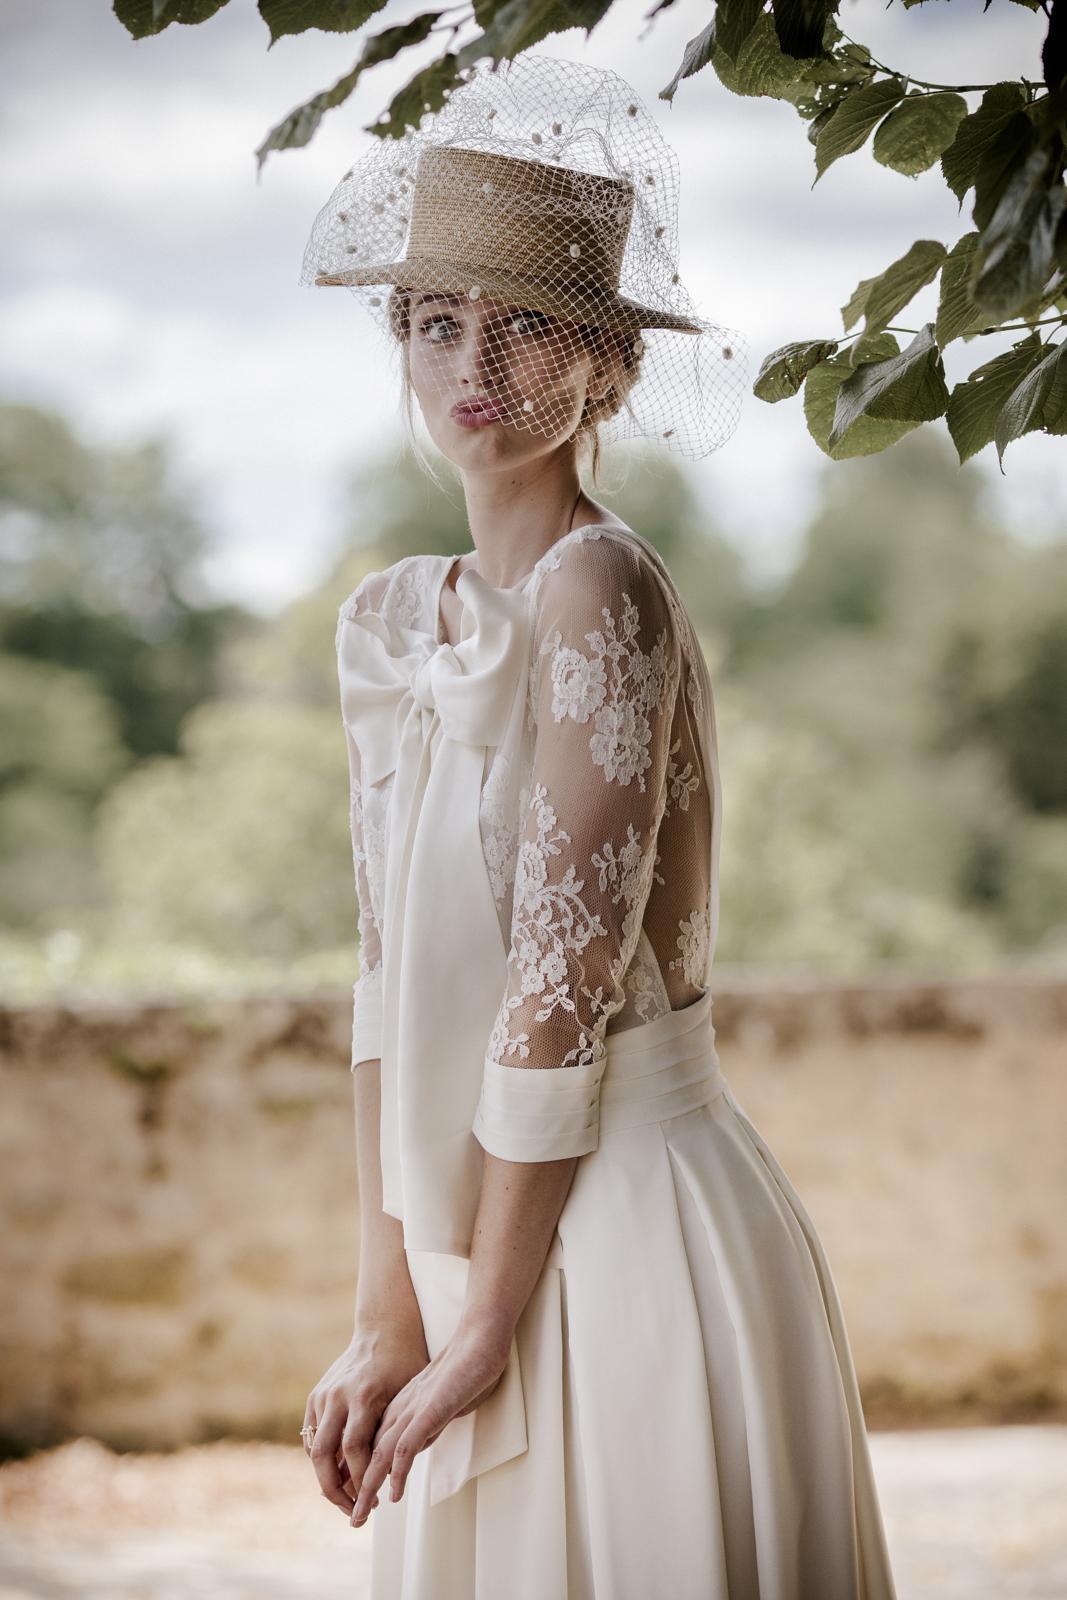 courir chaussures nouvelle arrivée large choix de couleurs et de dessins Le chapeau de paille, la nouvelle couronne de fleurs pour ...